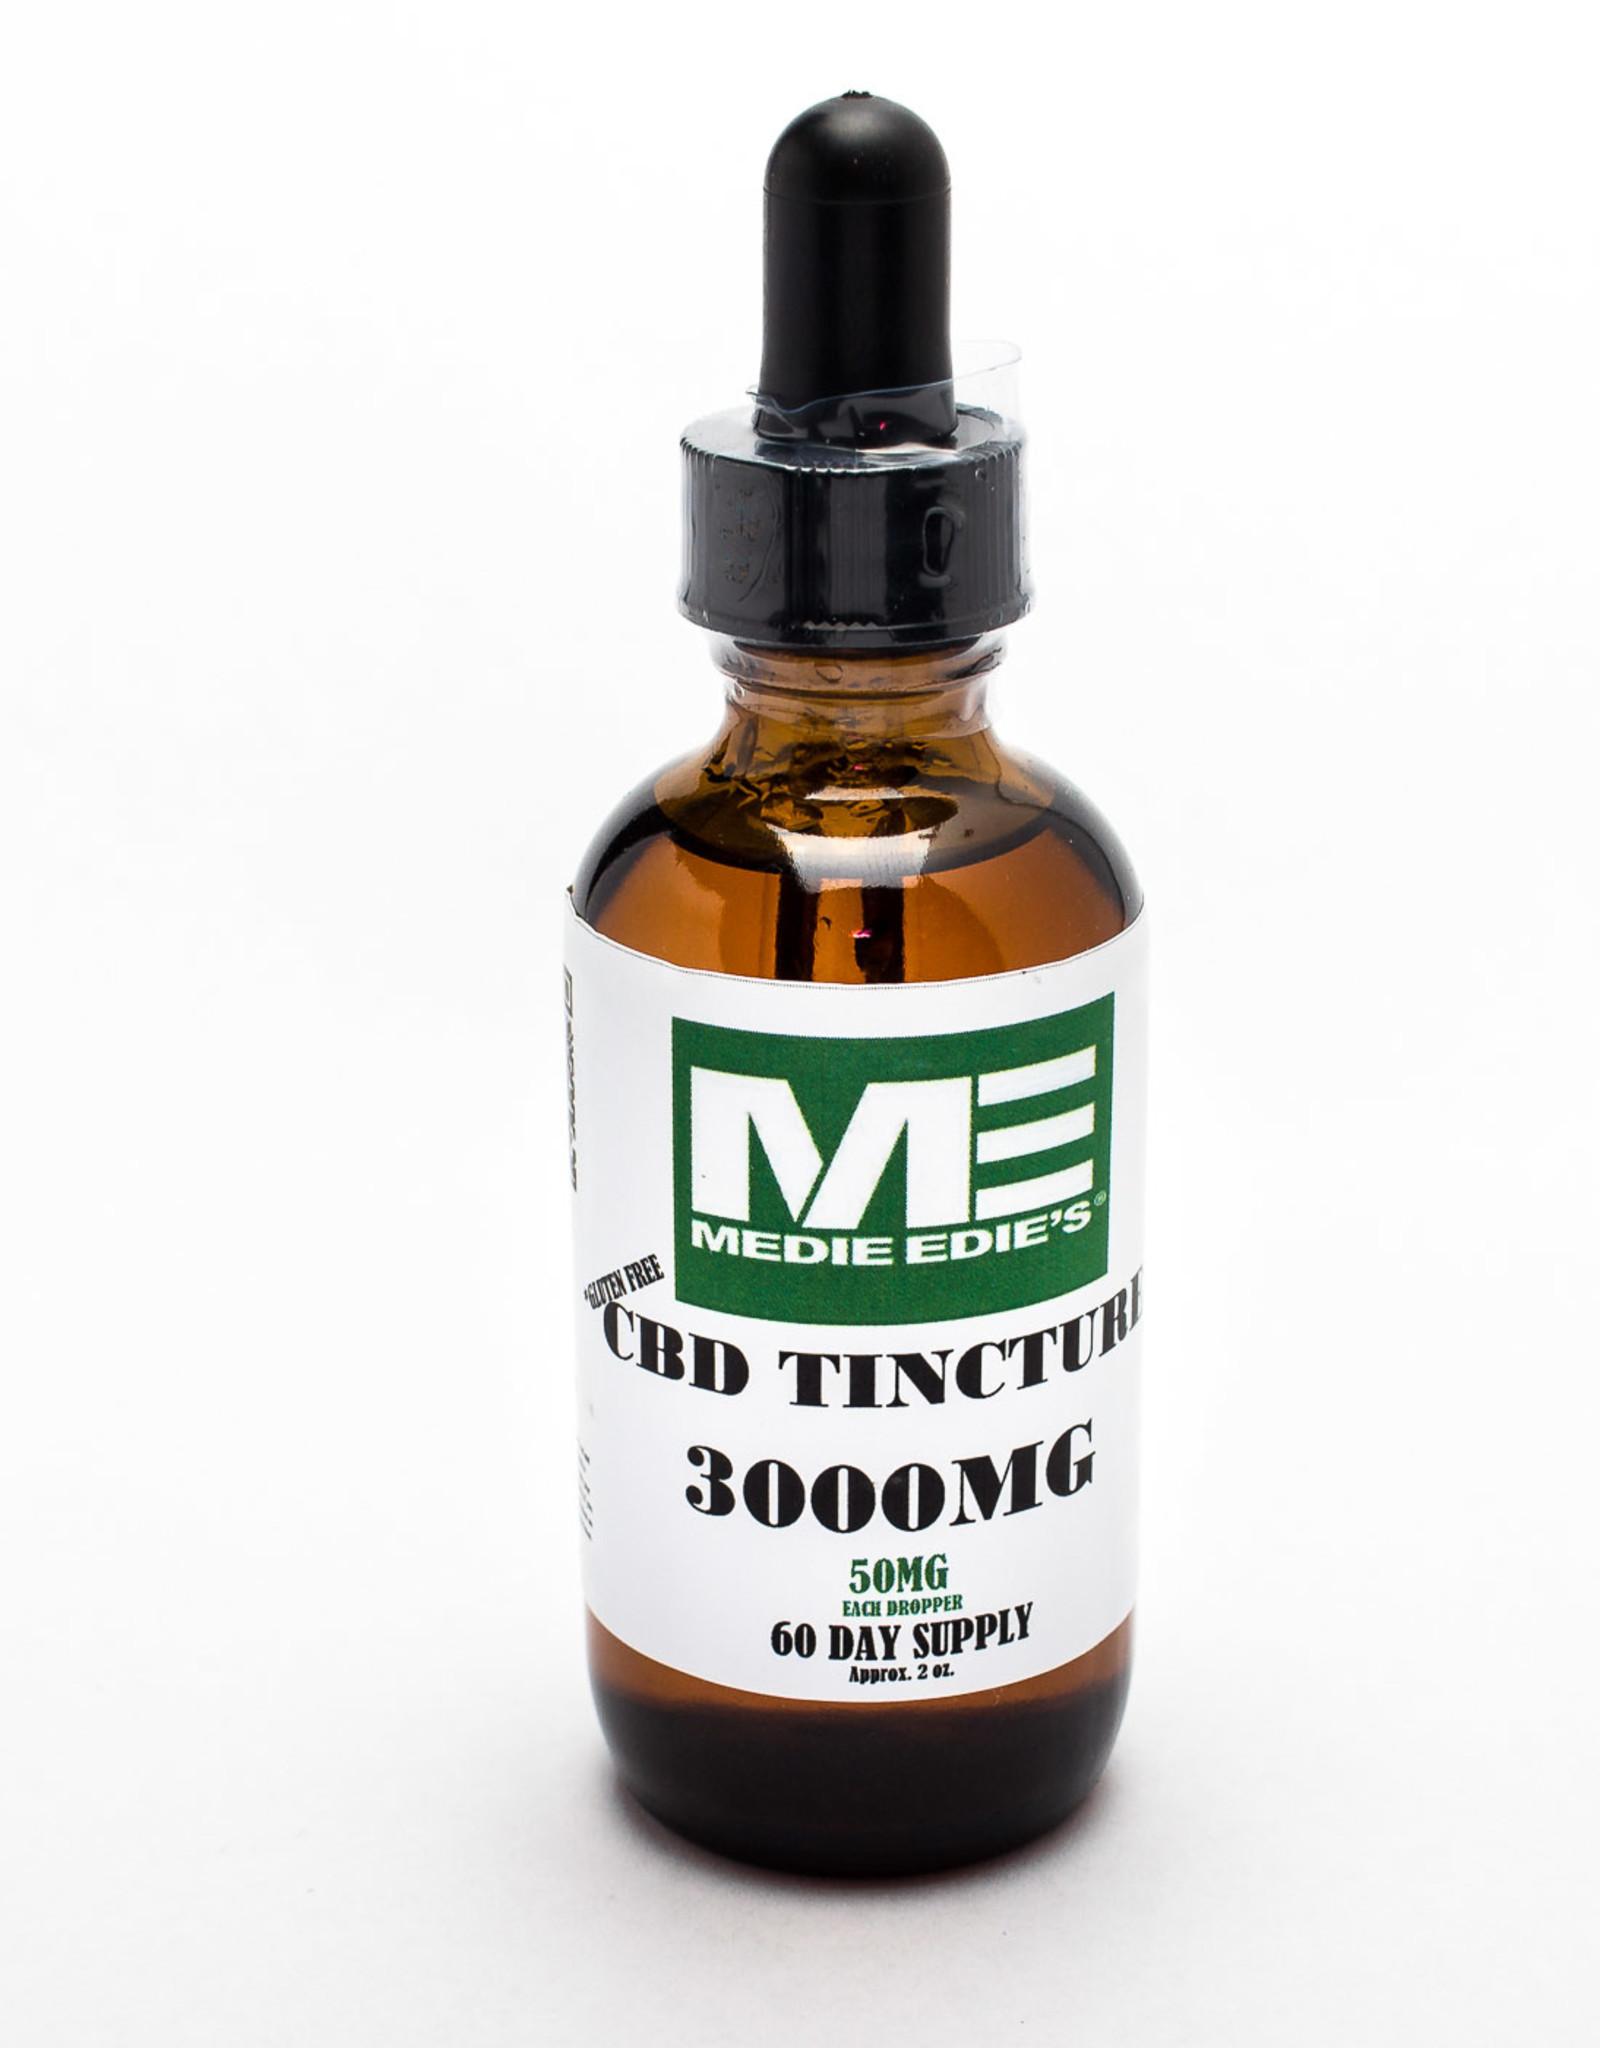 Medie Edie's CBD Oil - 60mL/50mg/3000mg